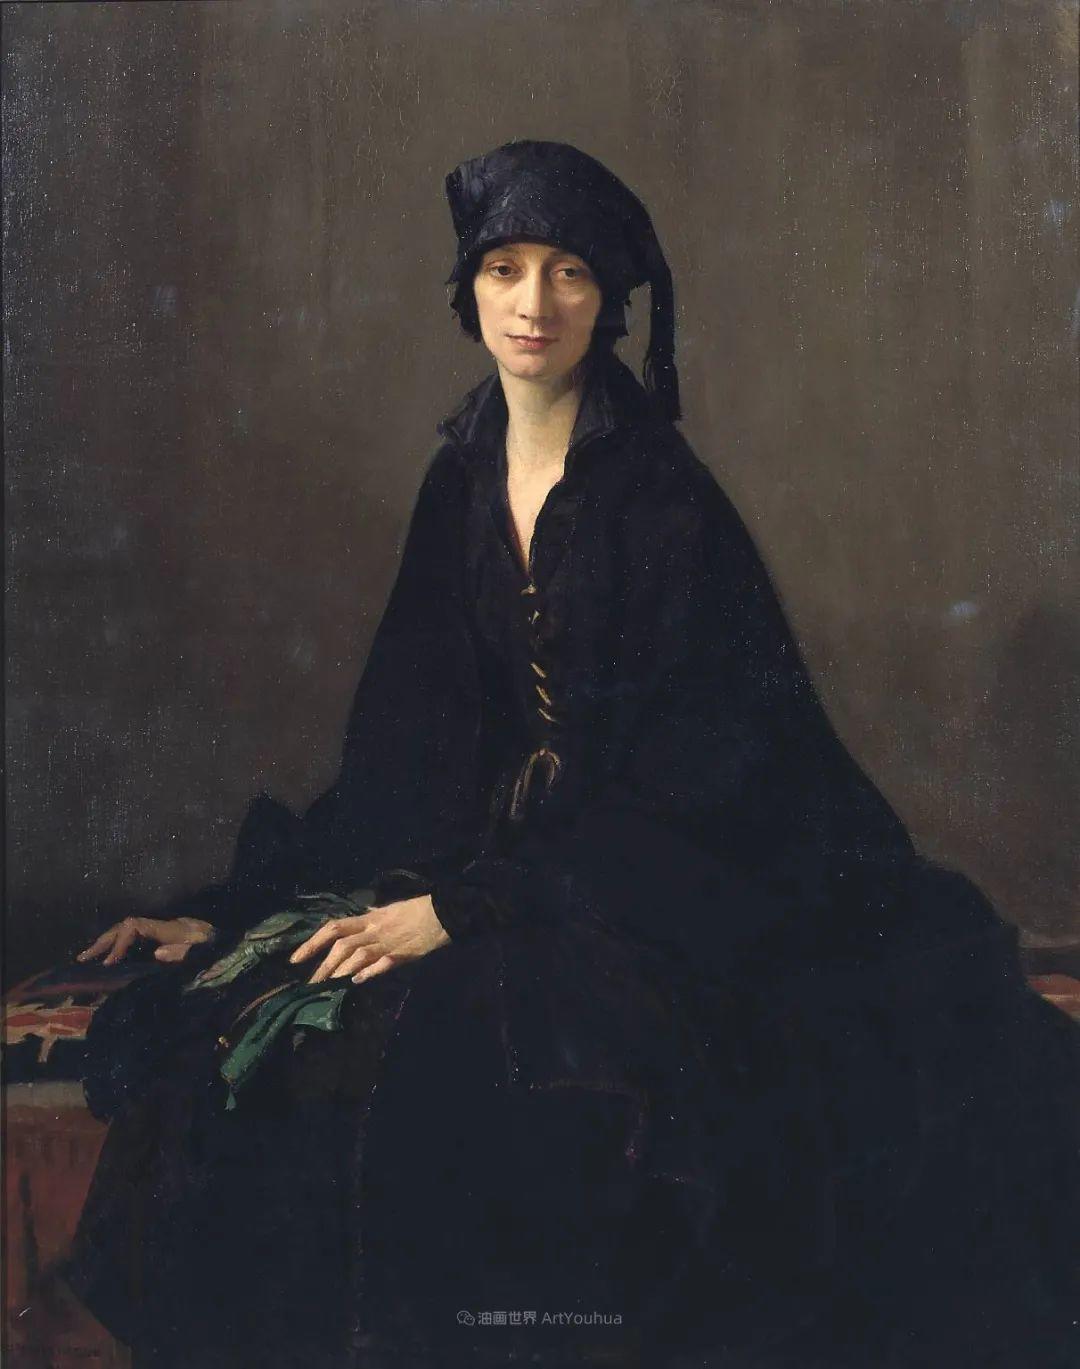 英国浪漫主义晚期肖像画家,皇家美术学院院士乔治·沃森插图9